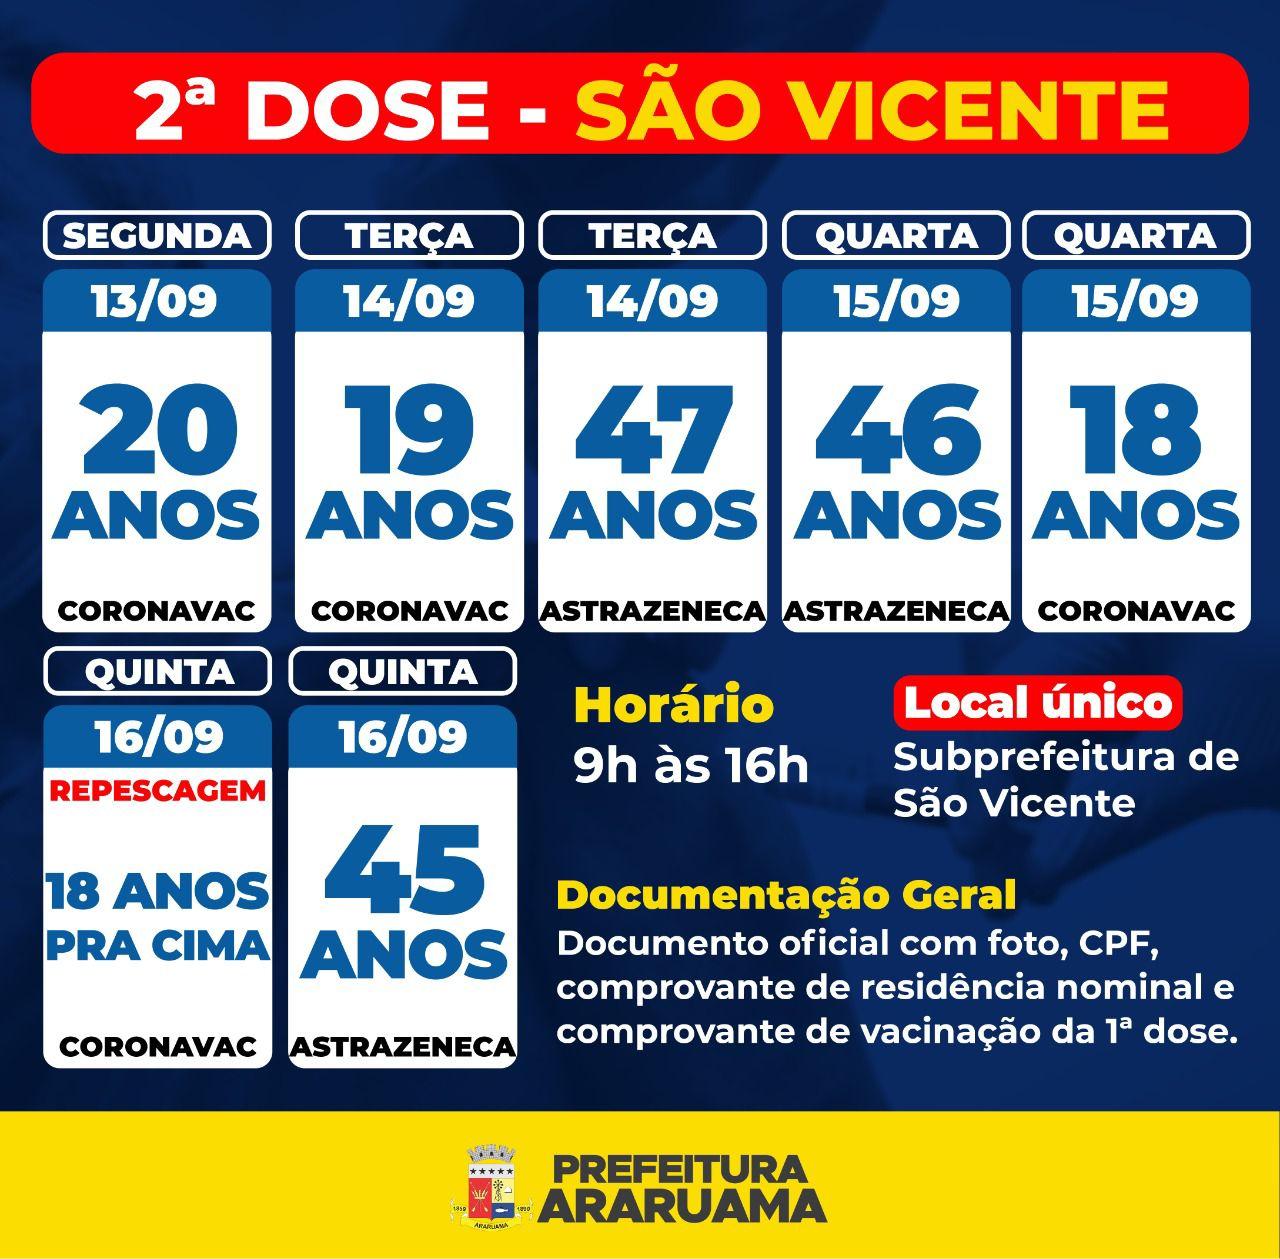 Calendário de vacinação da segunda dose contra a COVID-19 em São Vicente